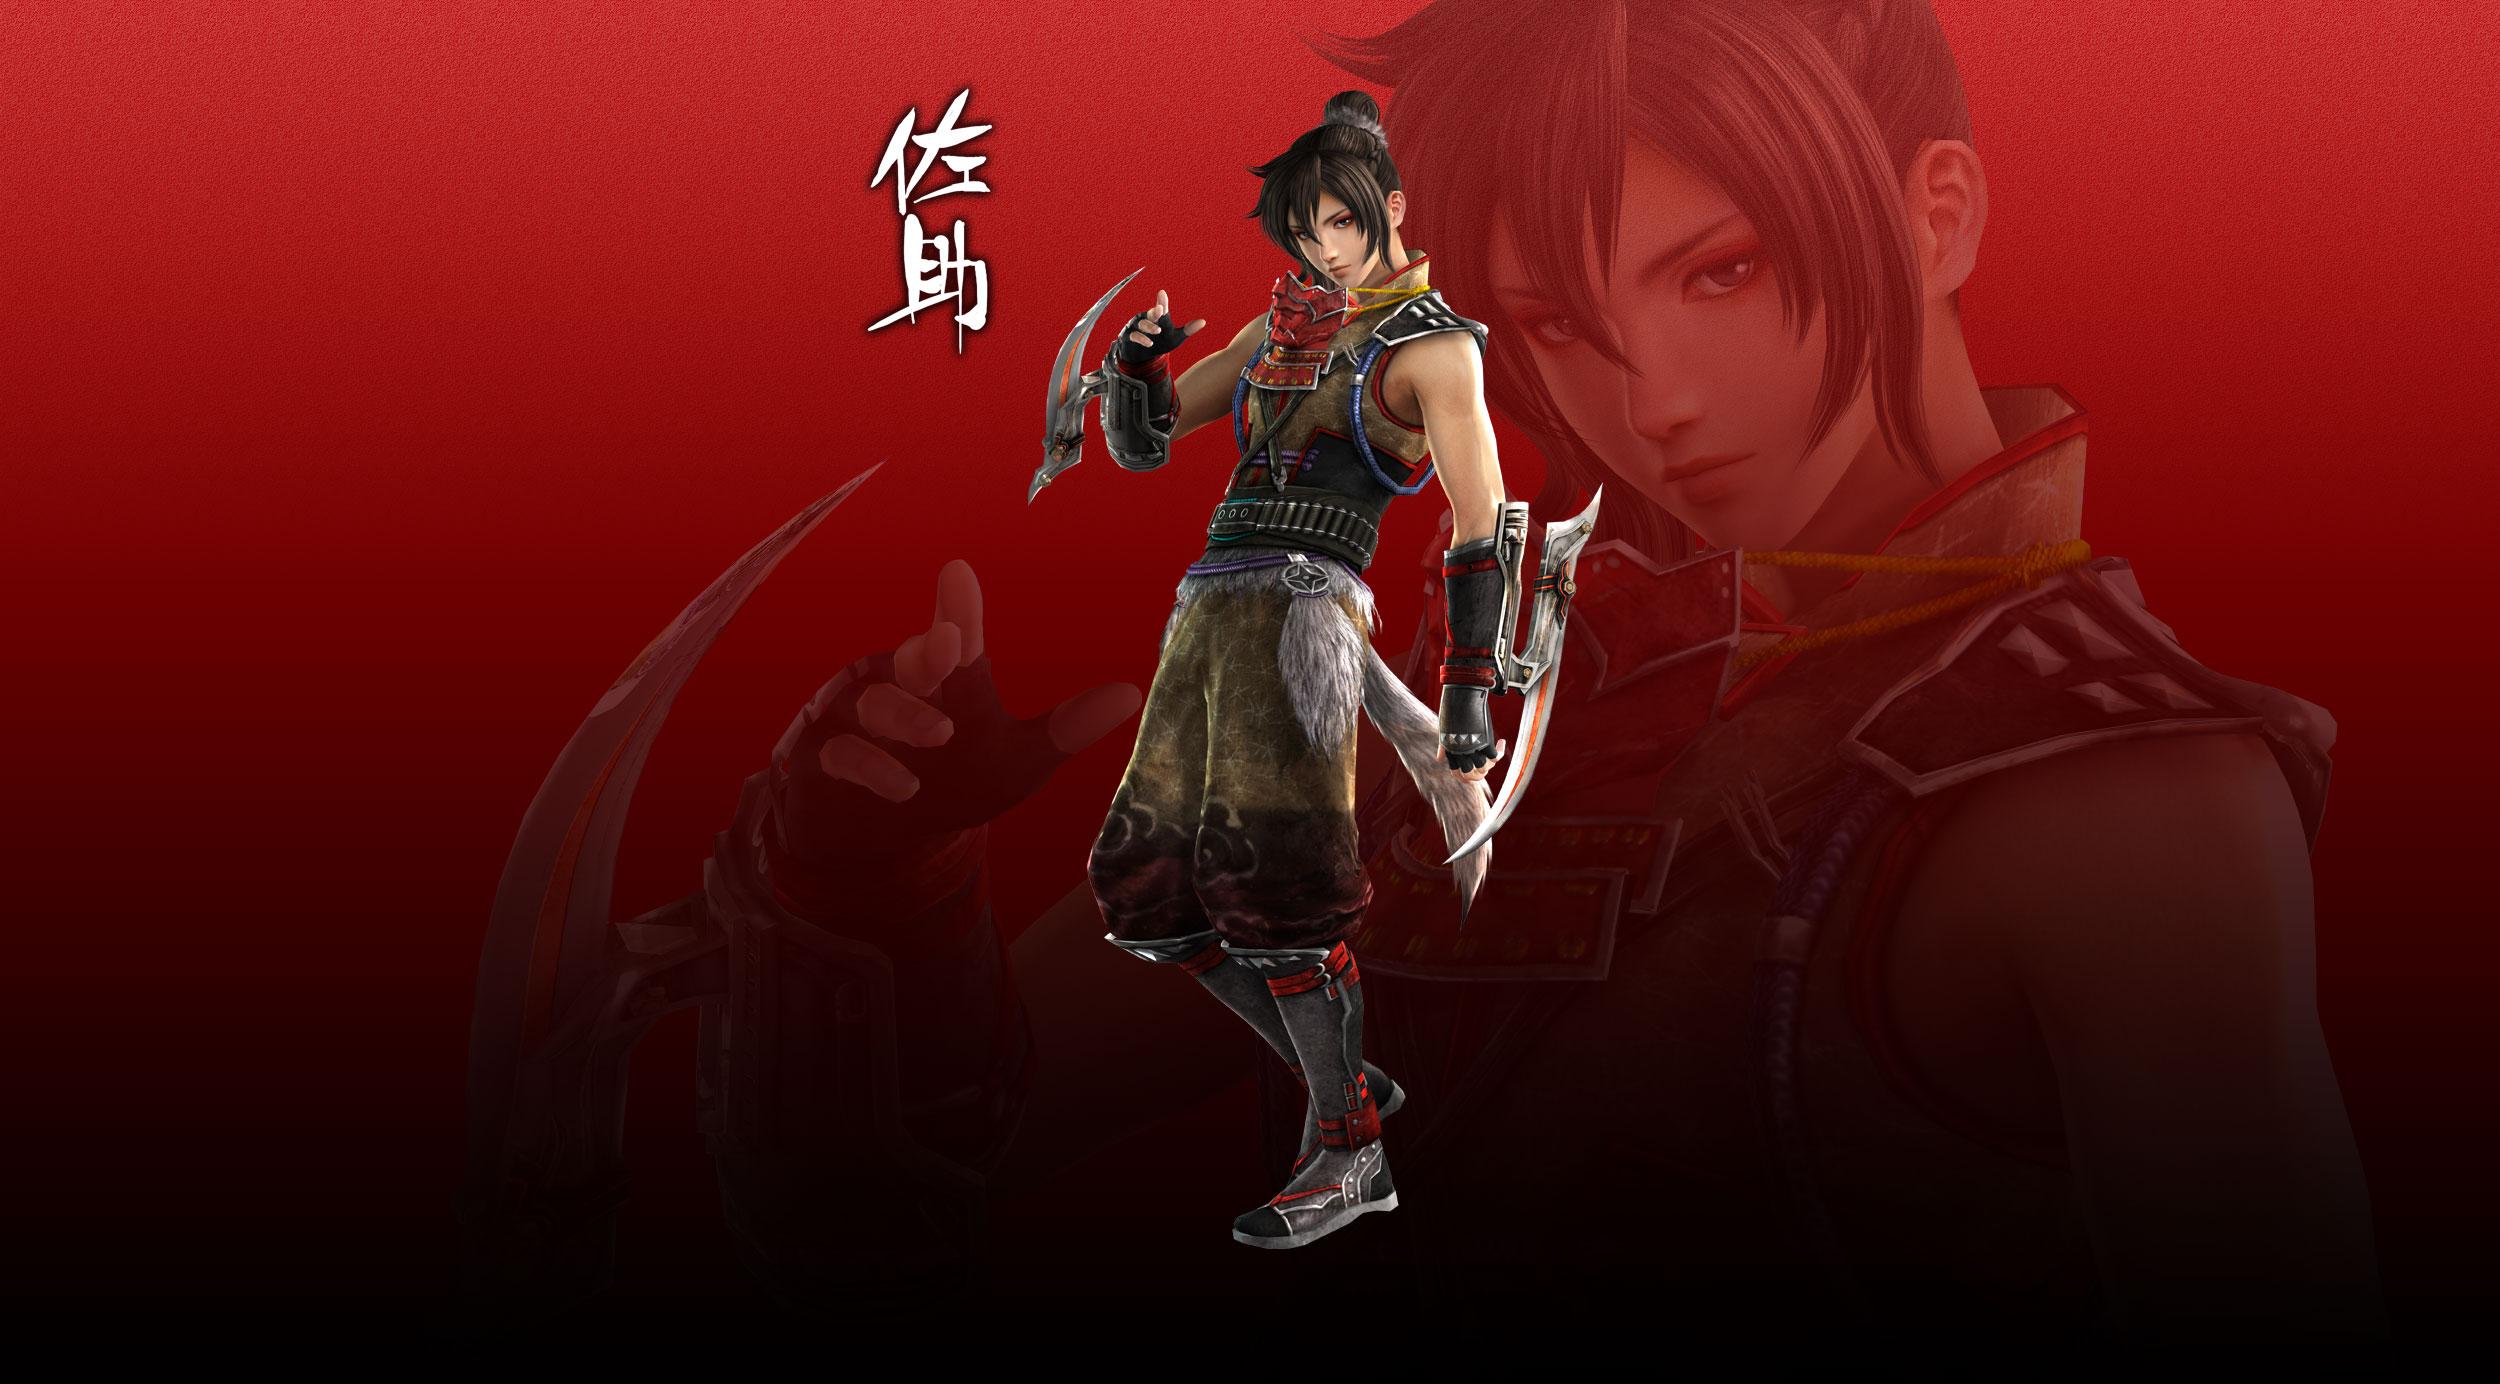 samurai-warriors-sanada-maru-artwork-02